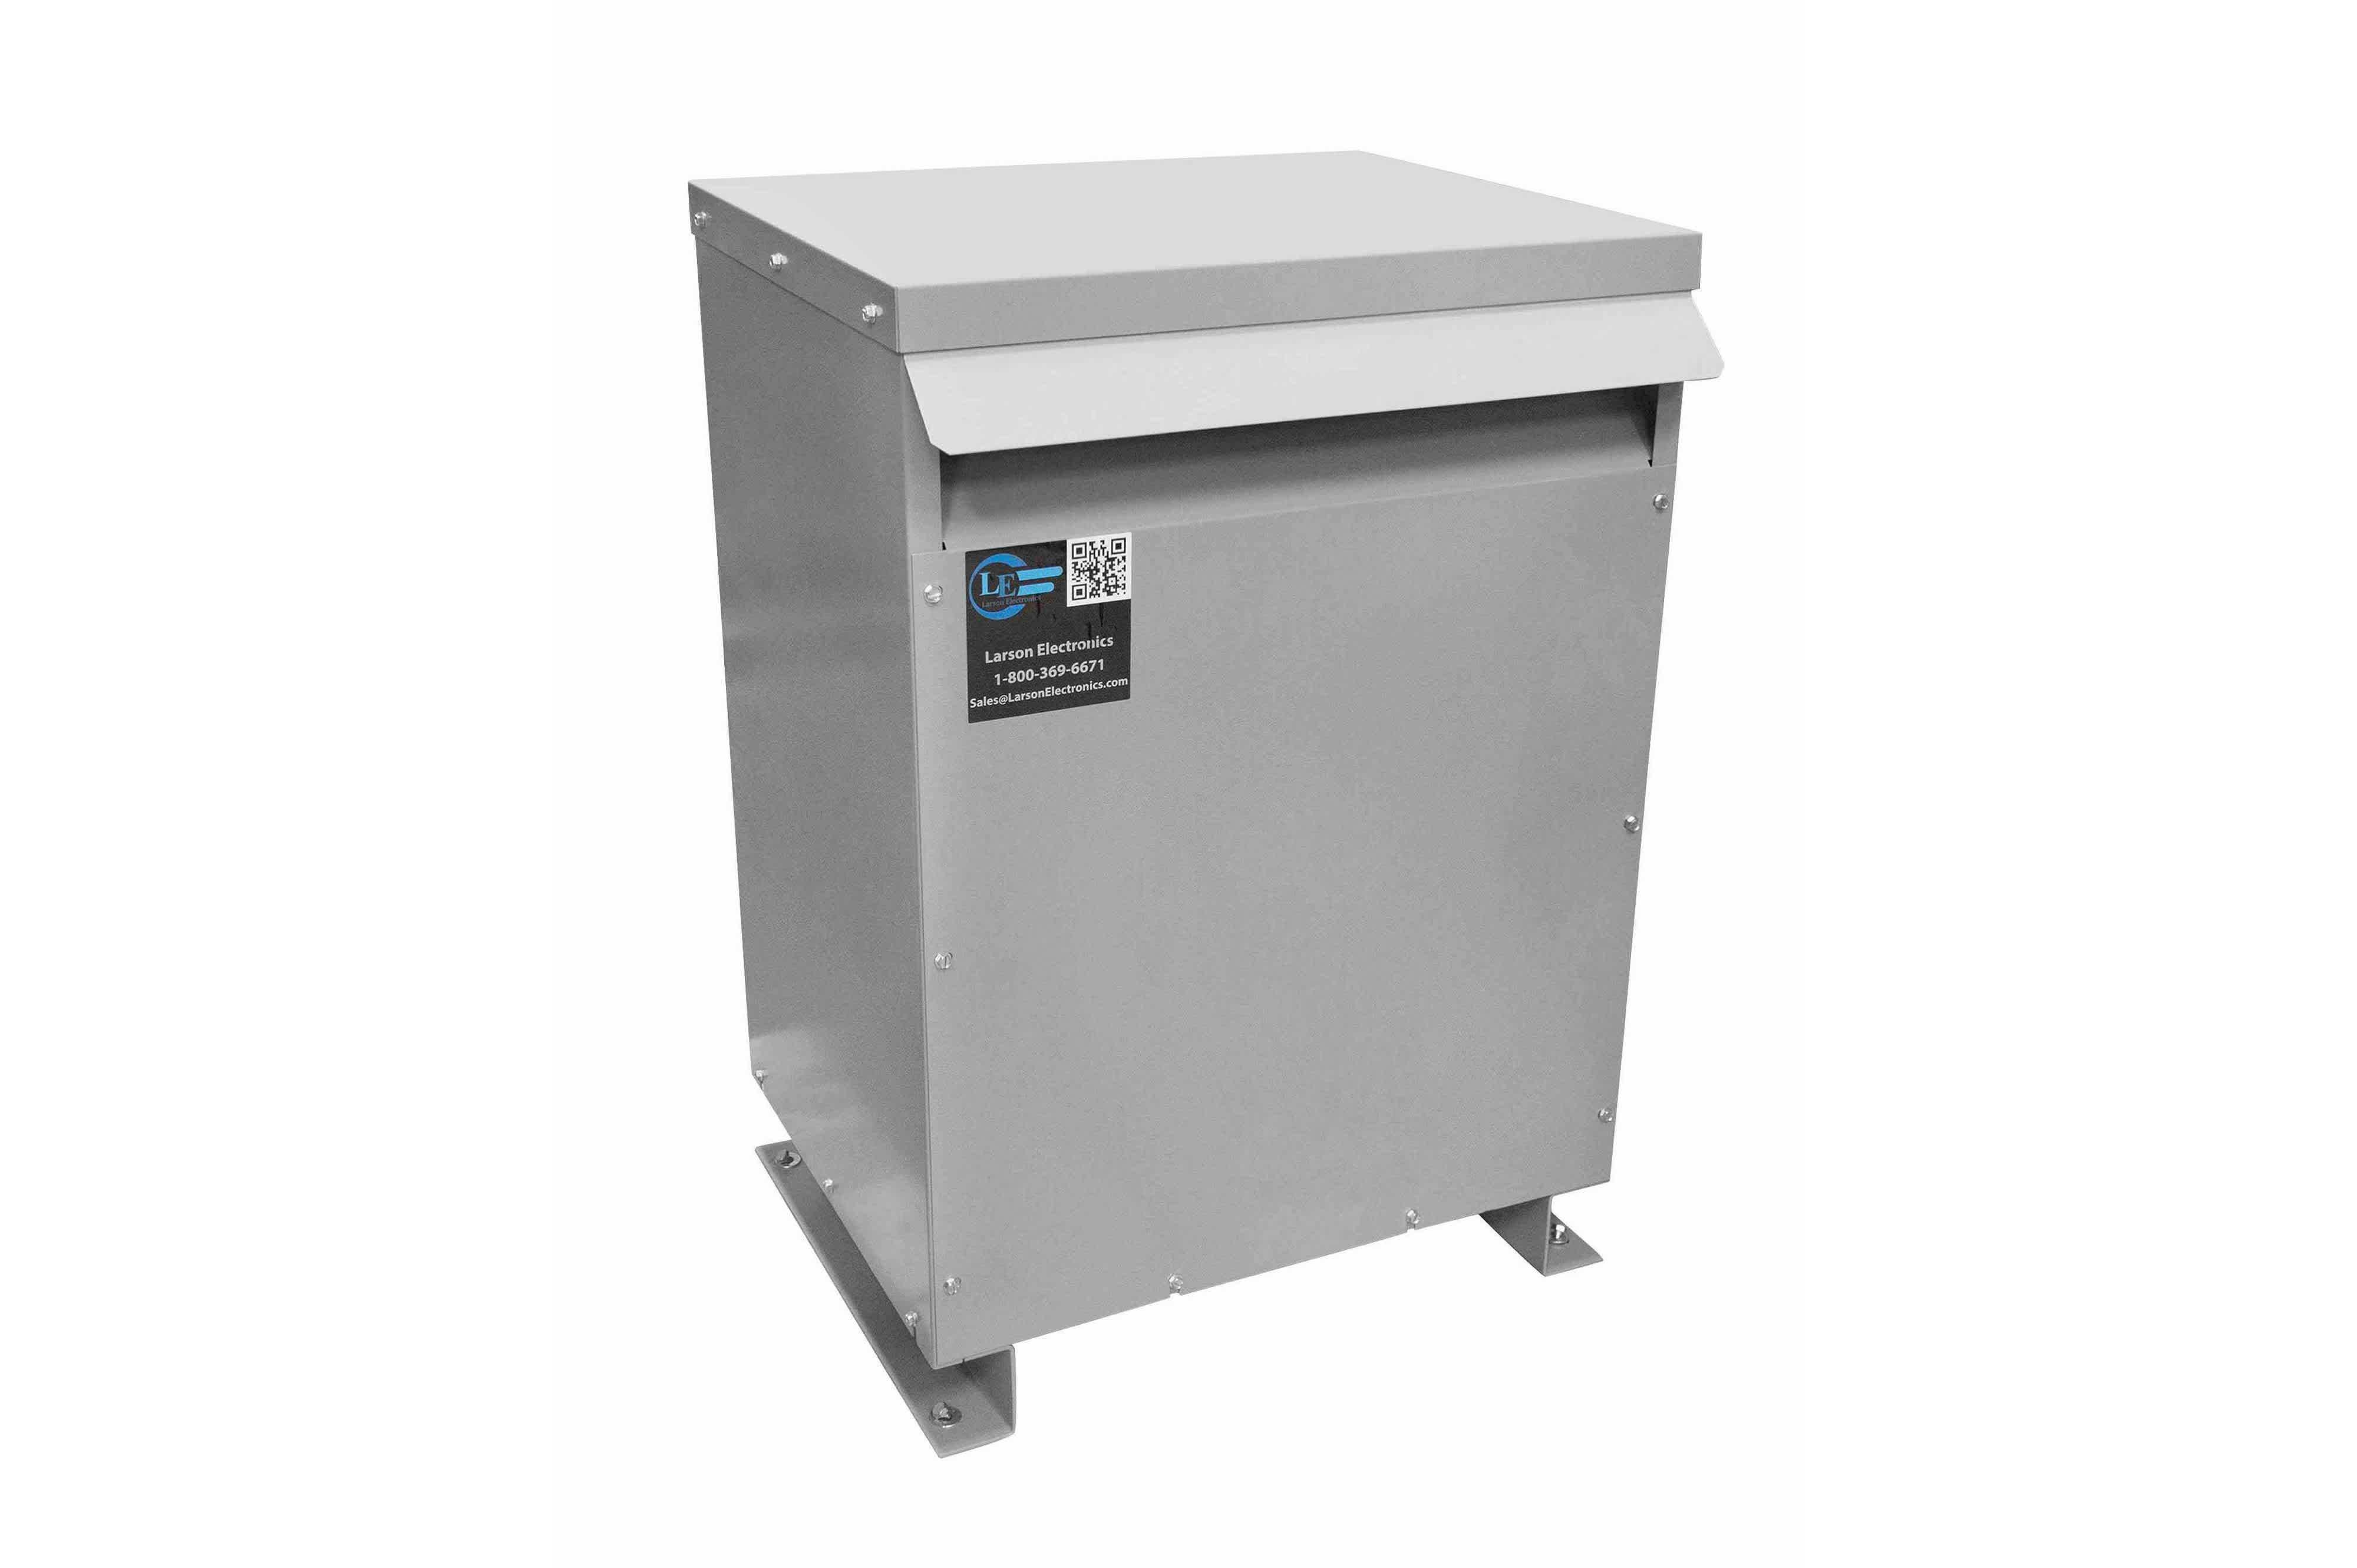 28 kVA 3PH Isolation Transformer, 208V Delta Primary, 600V Delta Secondary, N3R, Ventilated, 60 Hz